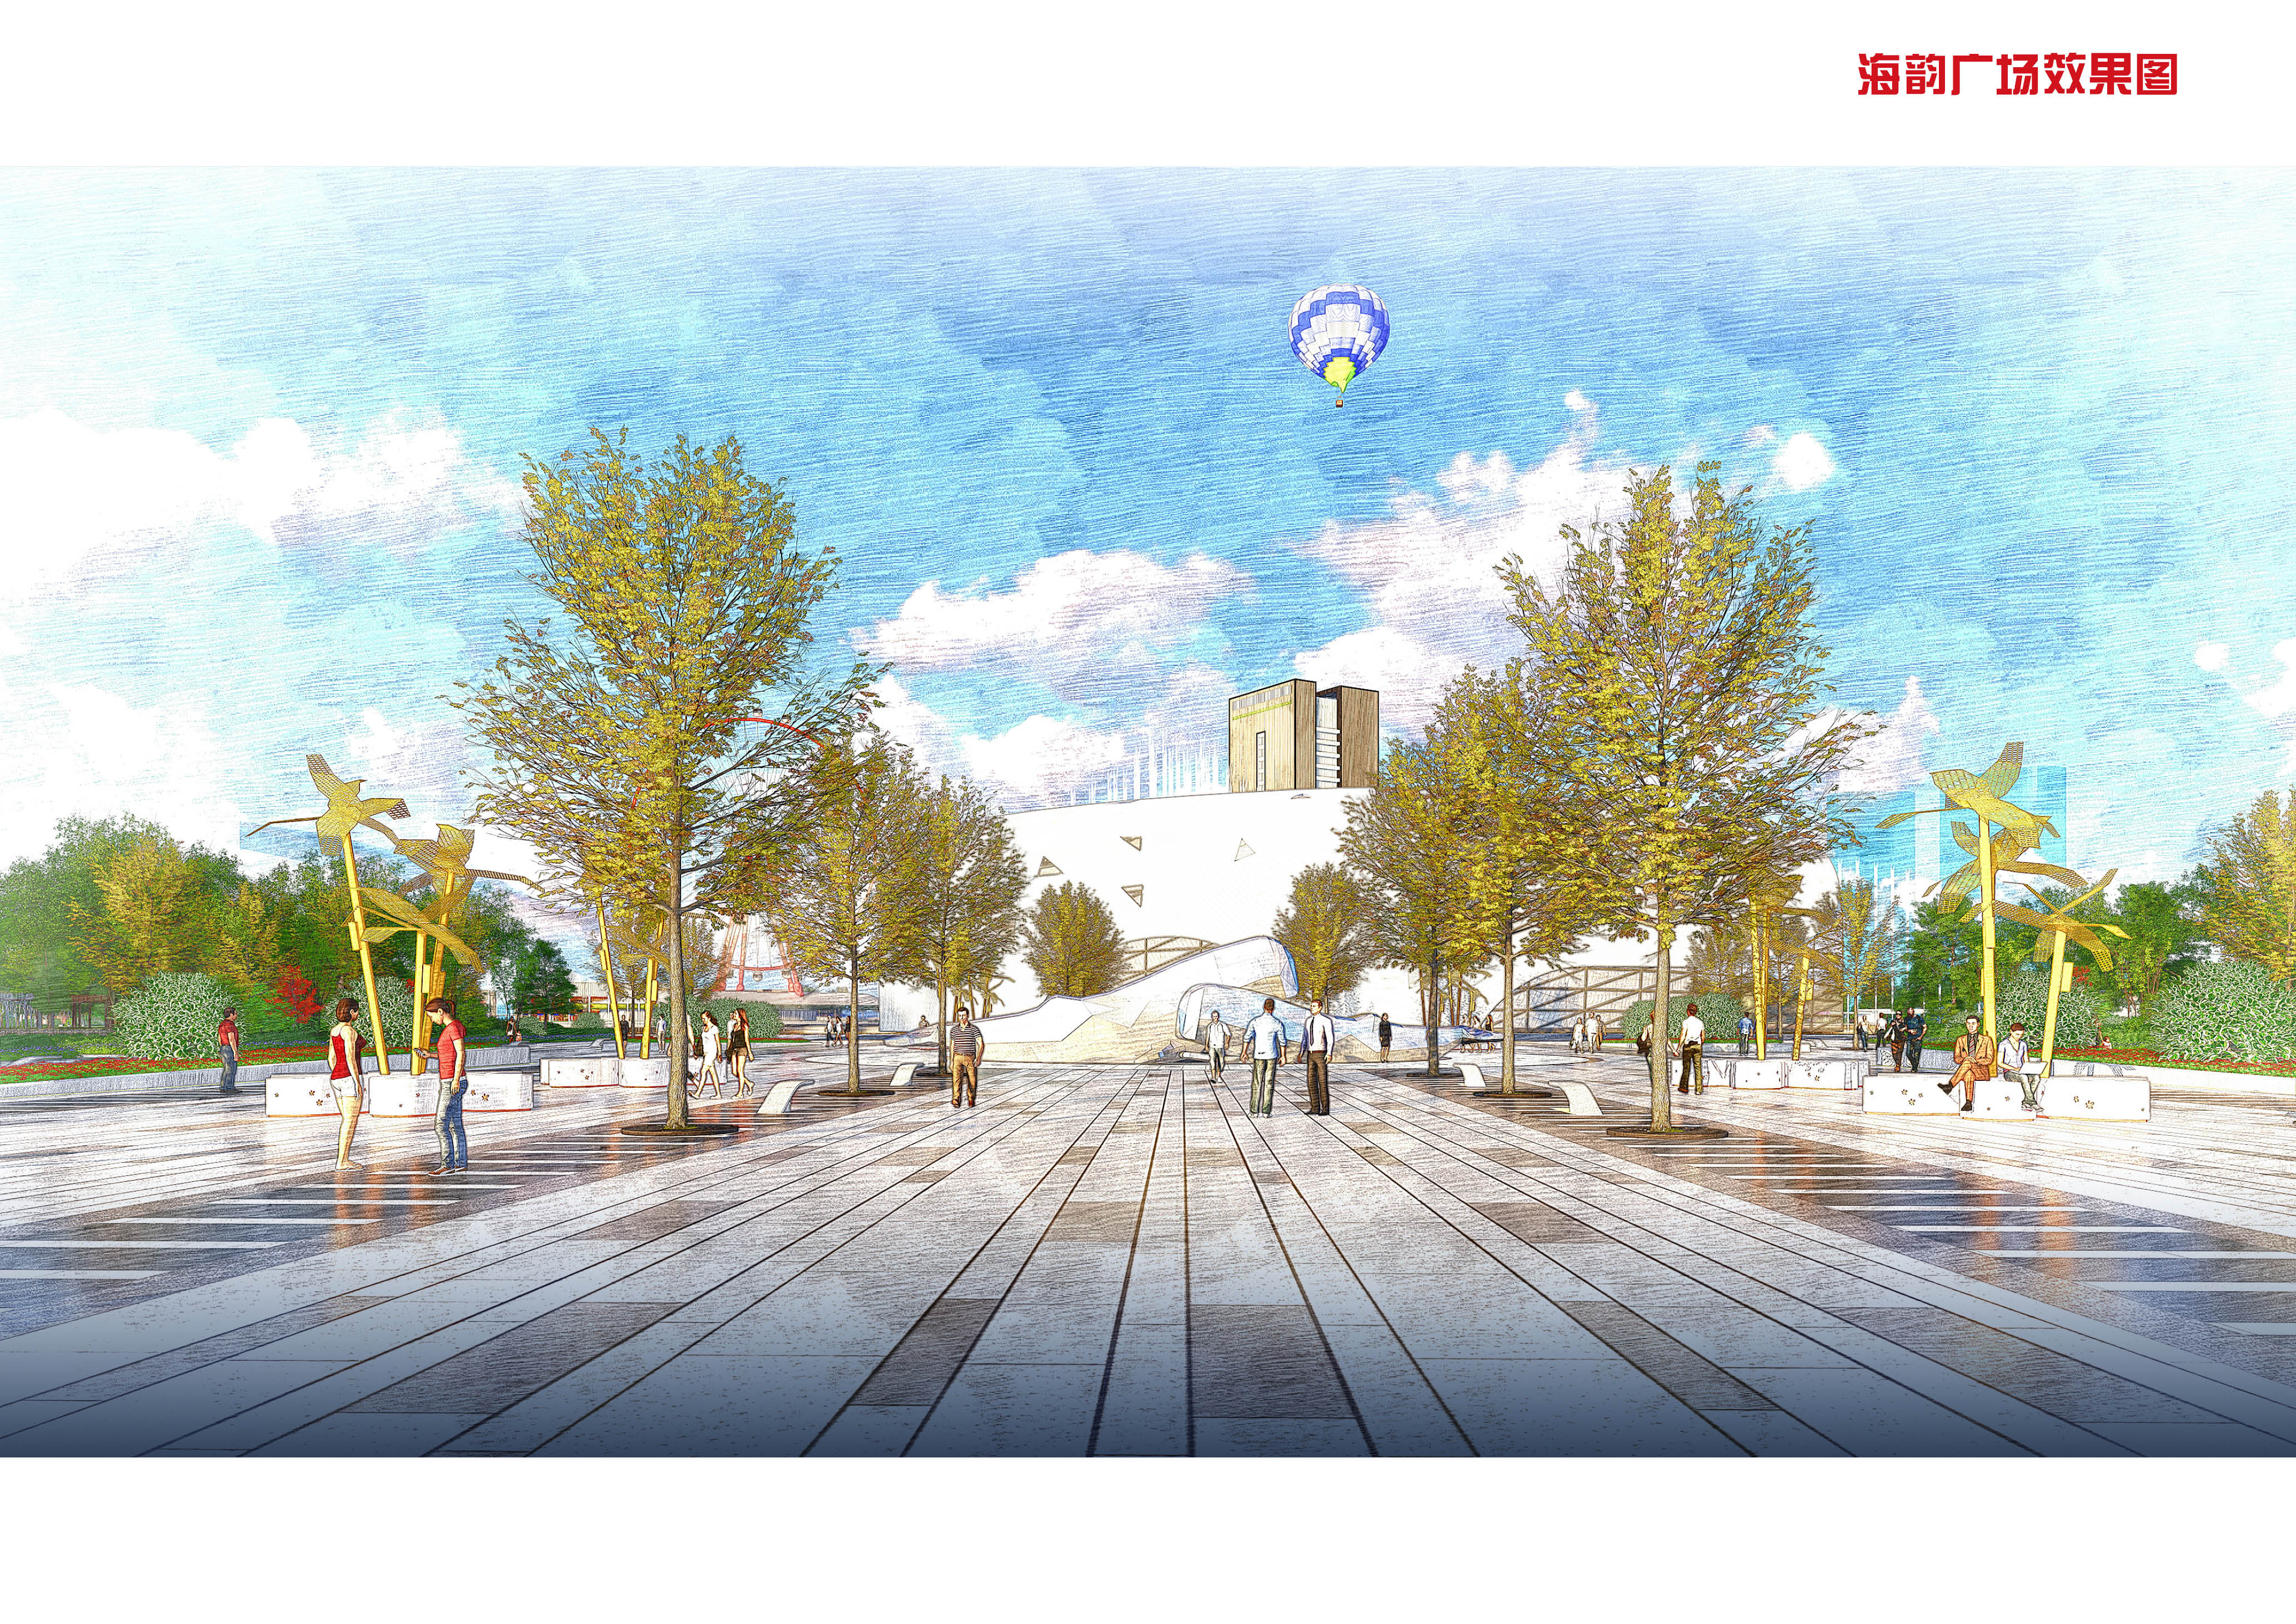 洋口港开发区海洋主题公园-洋口港开发区海洋主题公园景观设计47